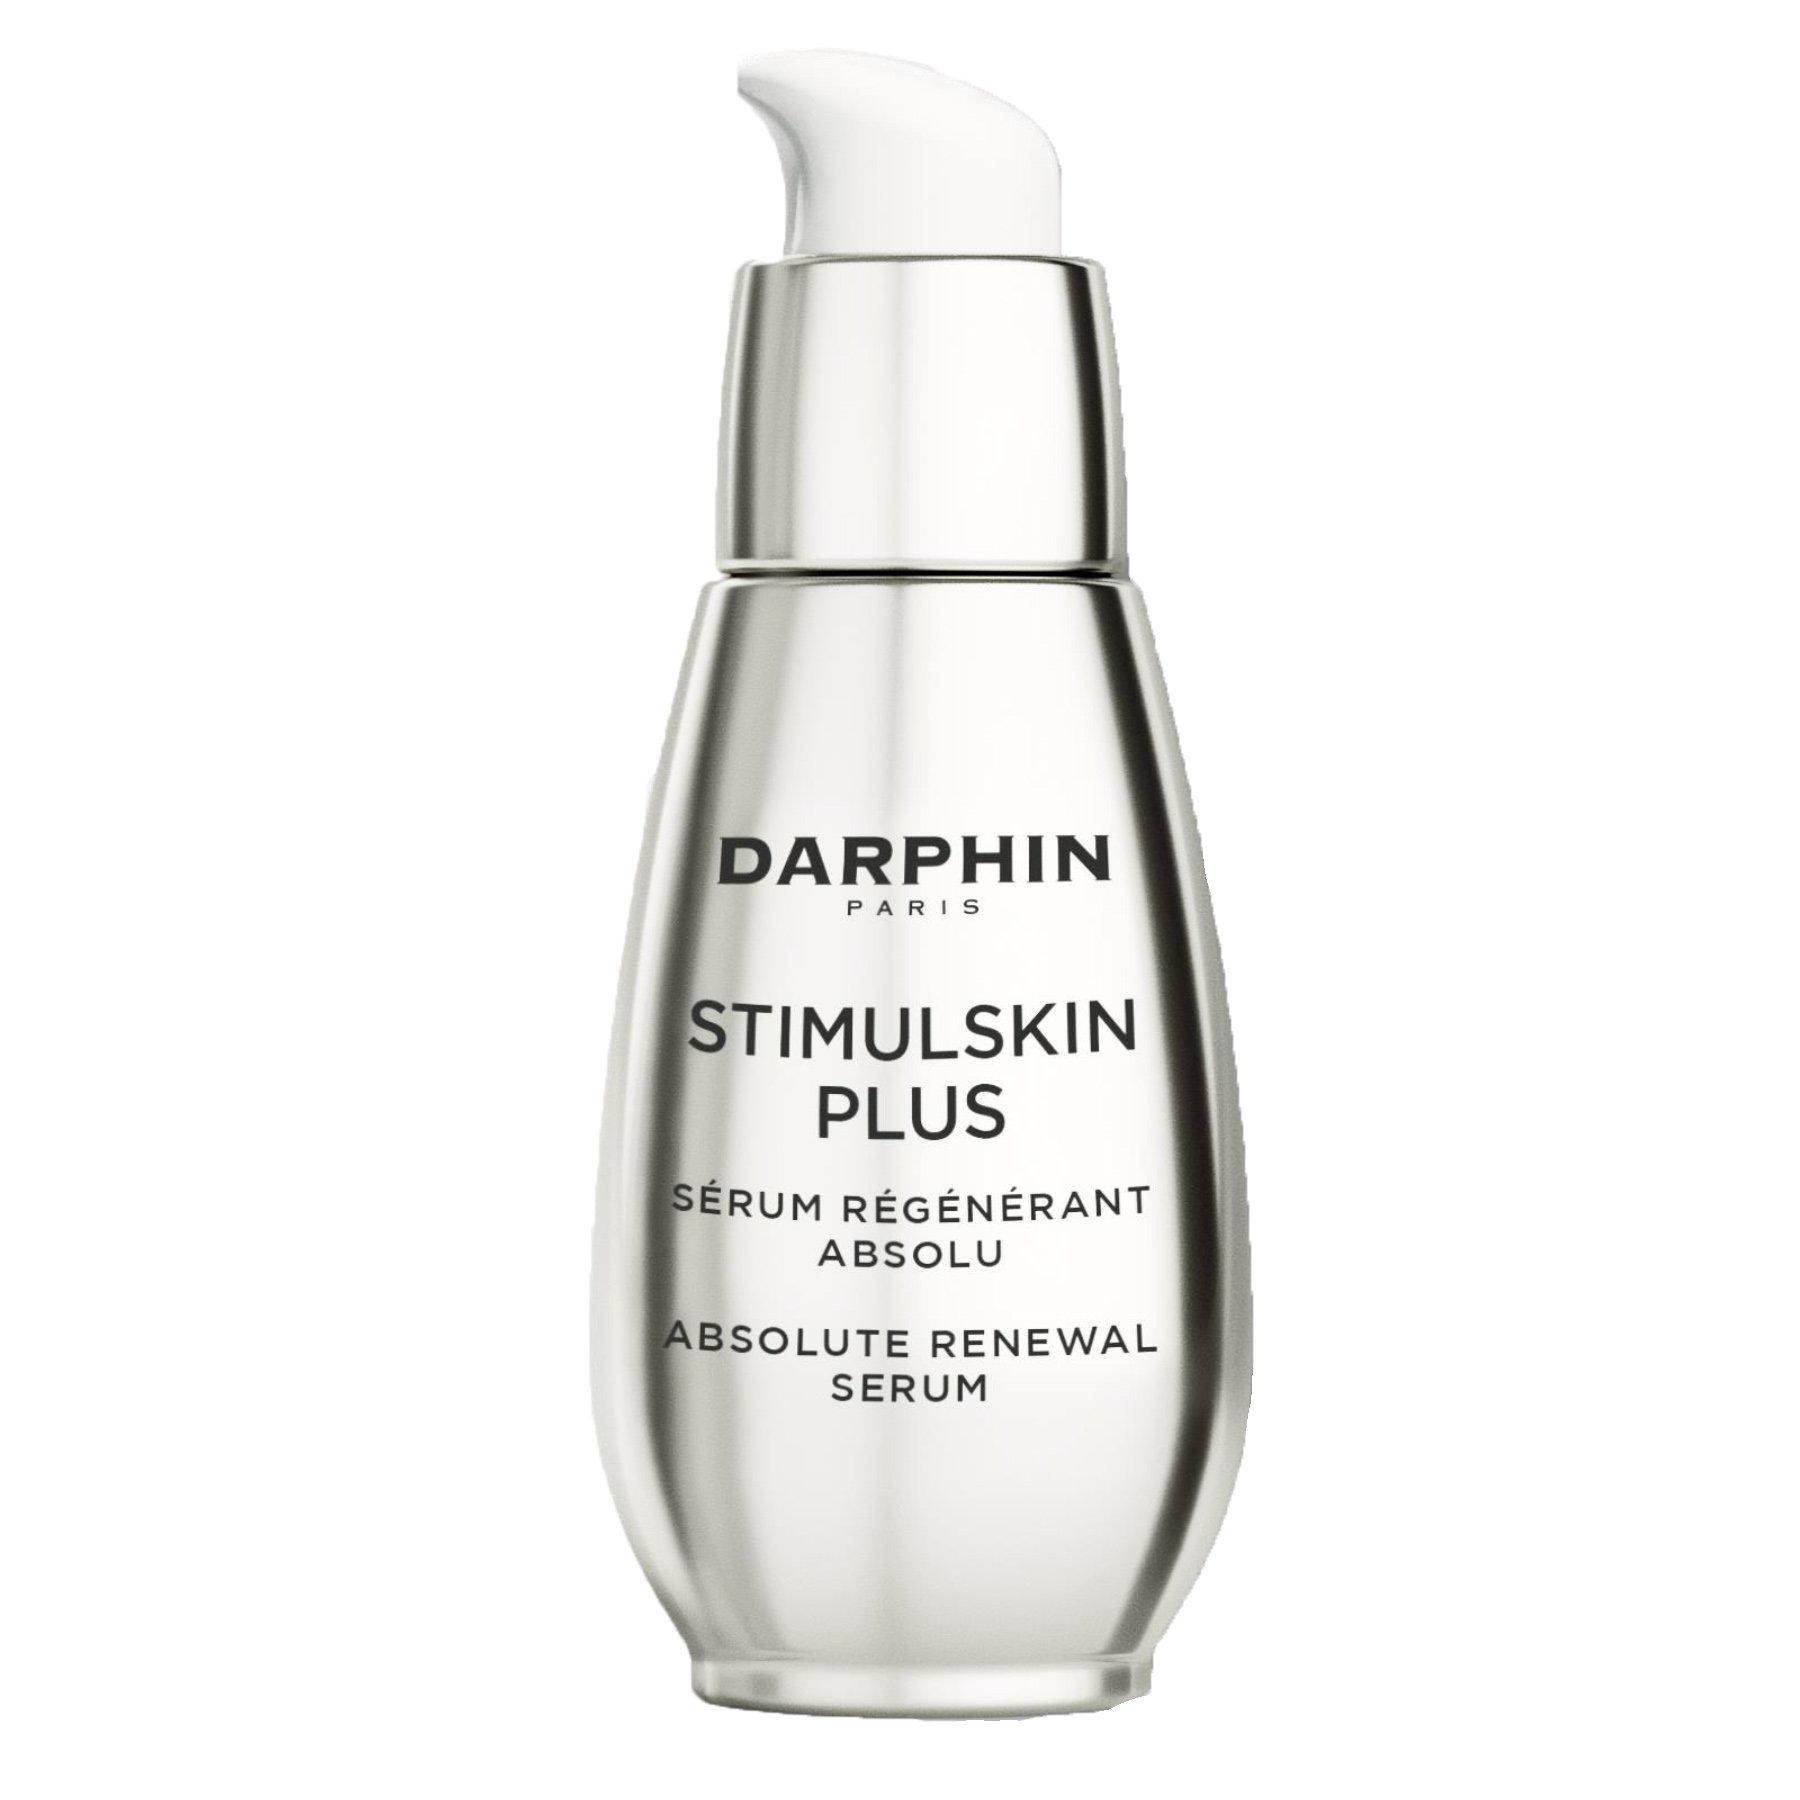 Darphin Intral Daily Rescue Serum Λεπτόρρευστος Συσφιγκτικός & Αναζωογονητικός Ορός Προσώπου 30ml